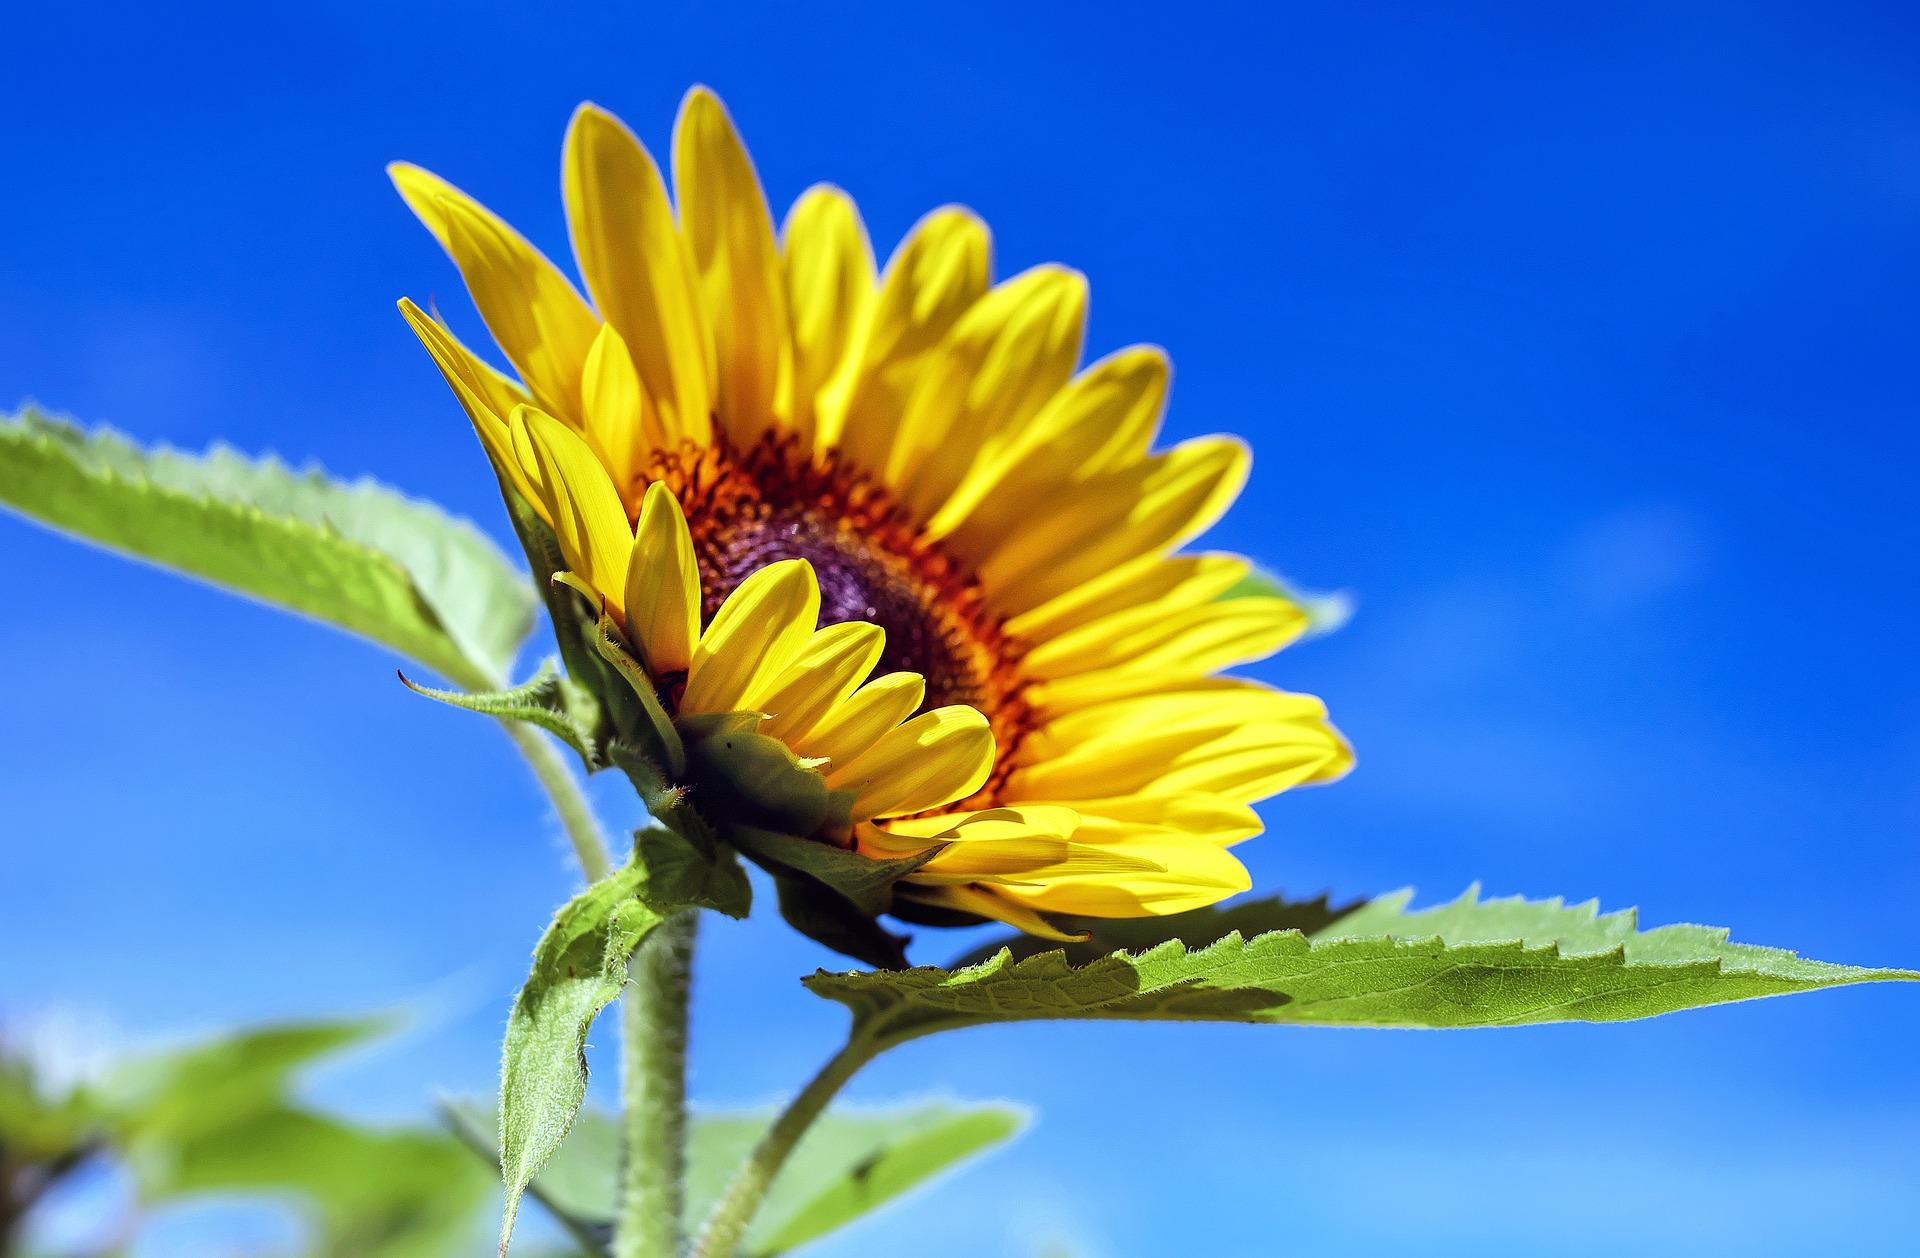 sunflower-1536088_1920.jpg